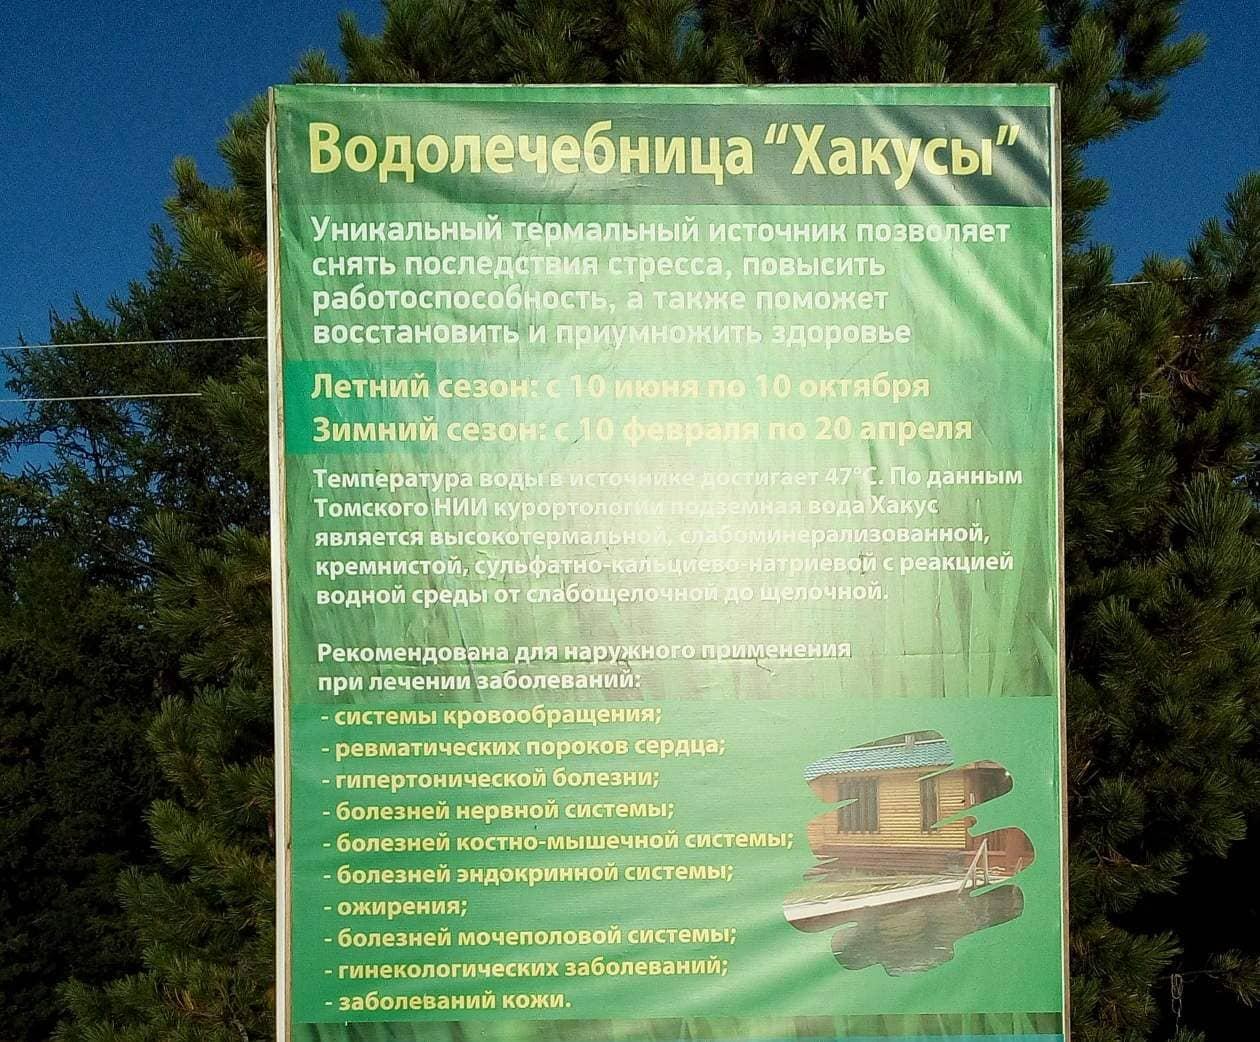 Туры на Байкал - Хакусы - Горячий источник